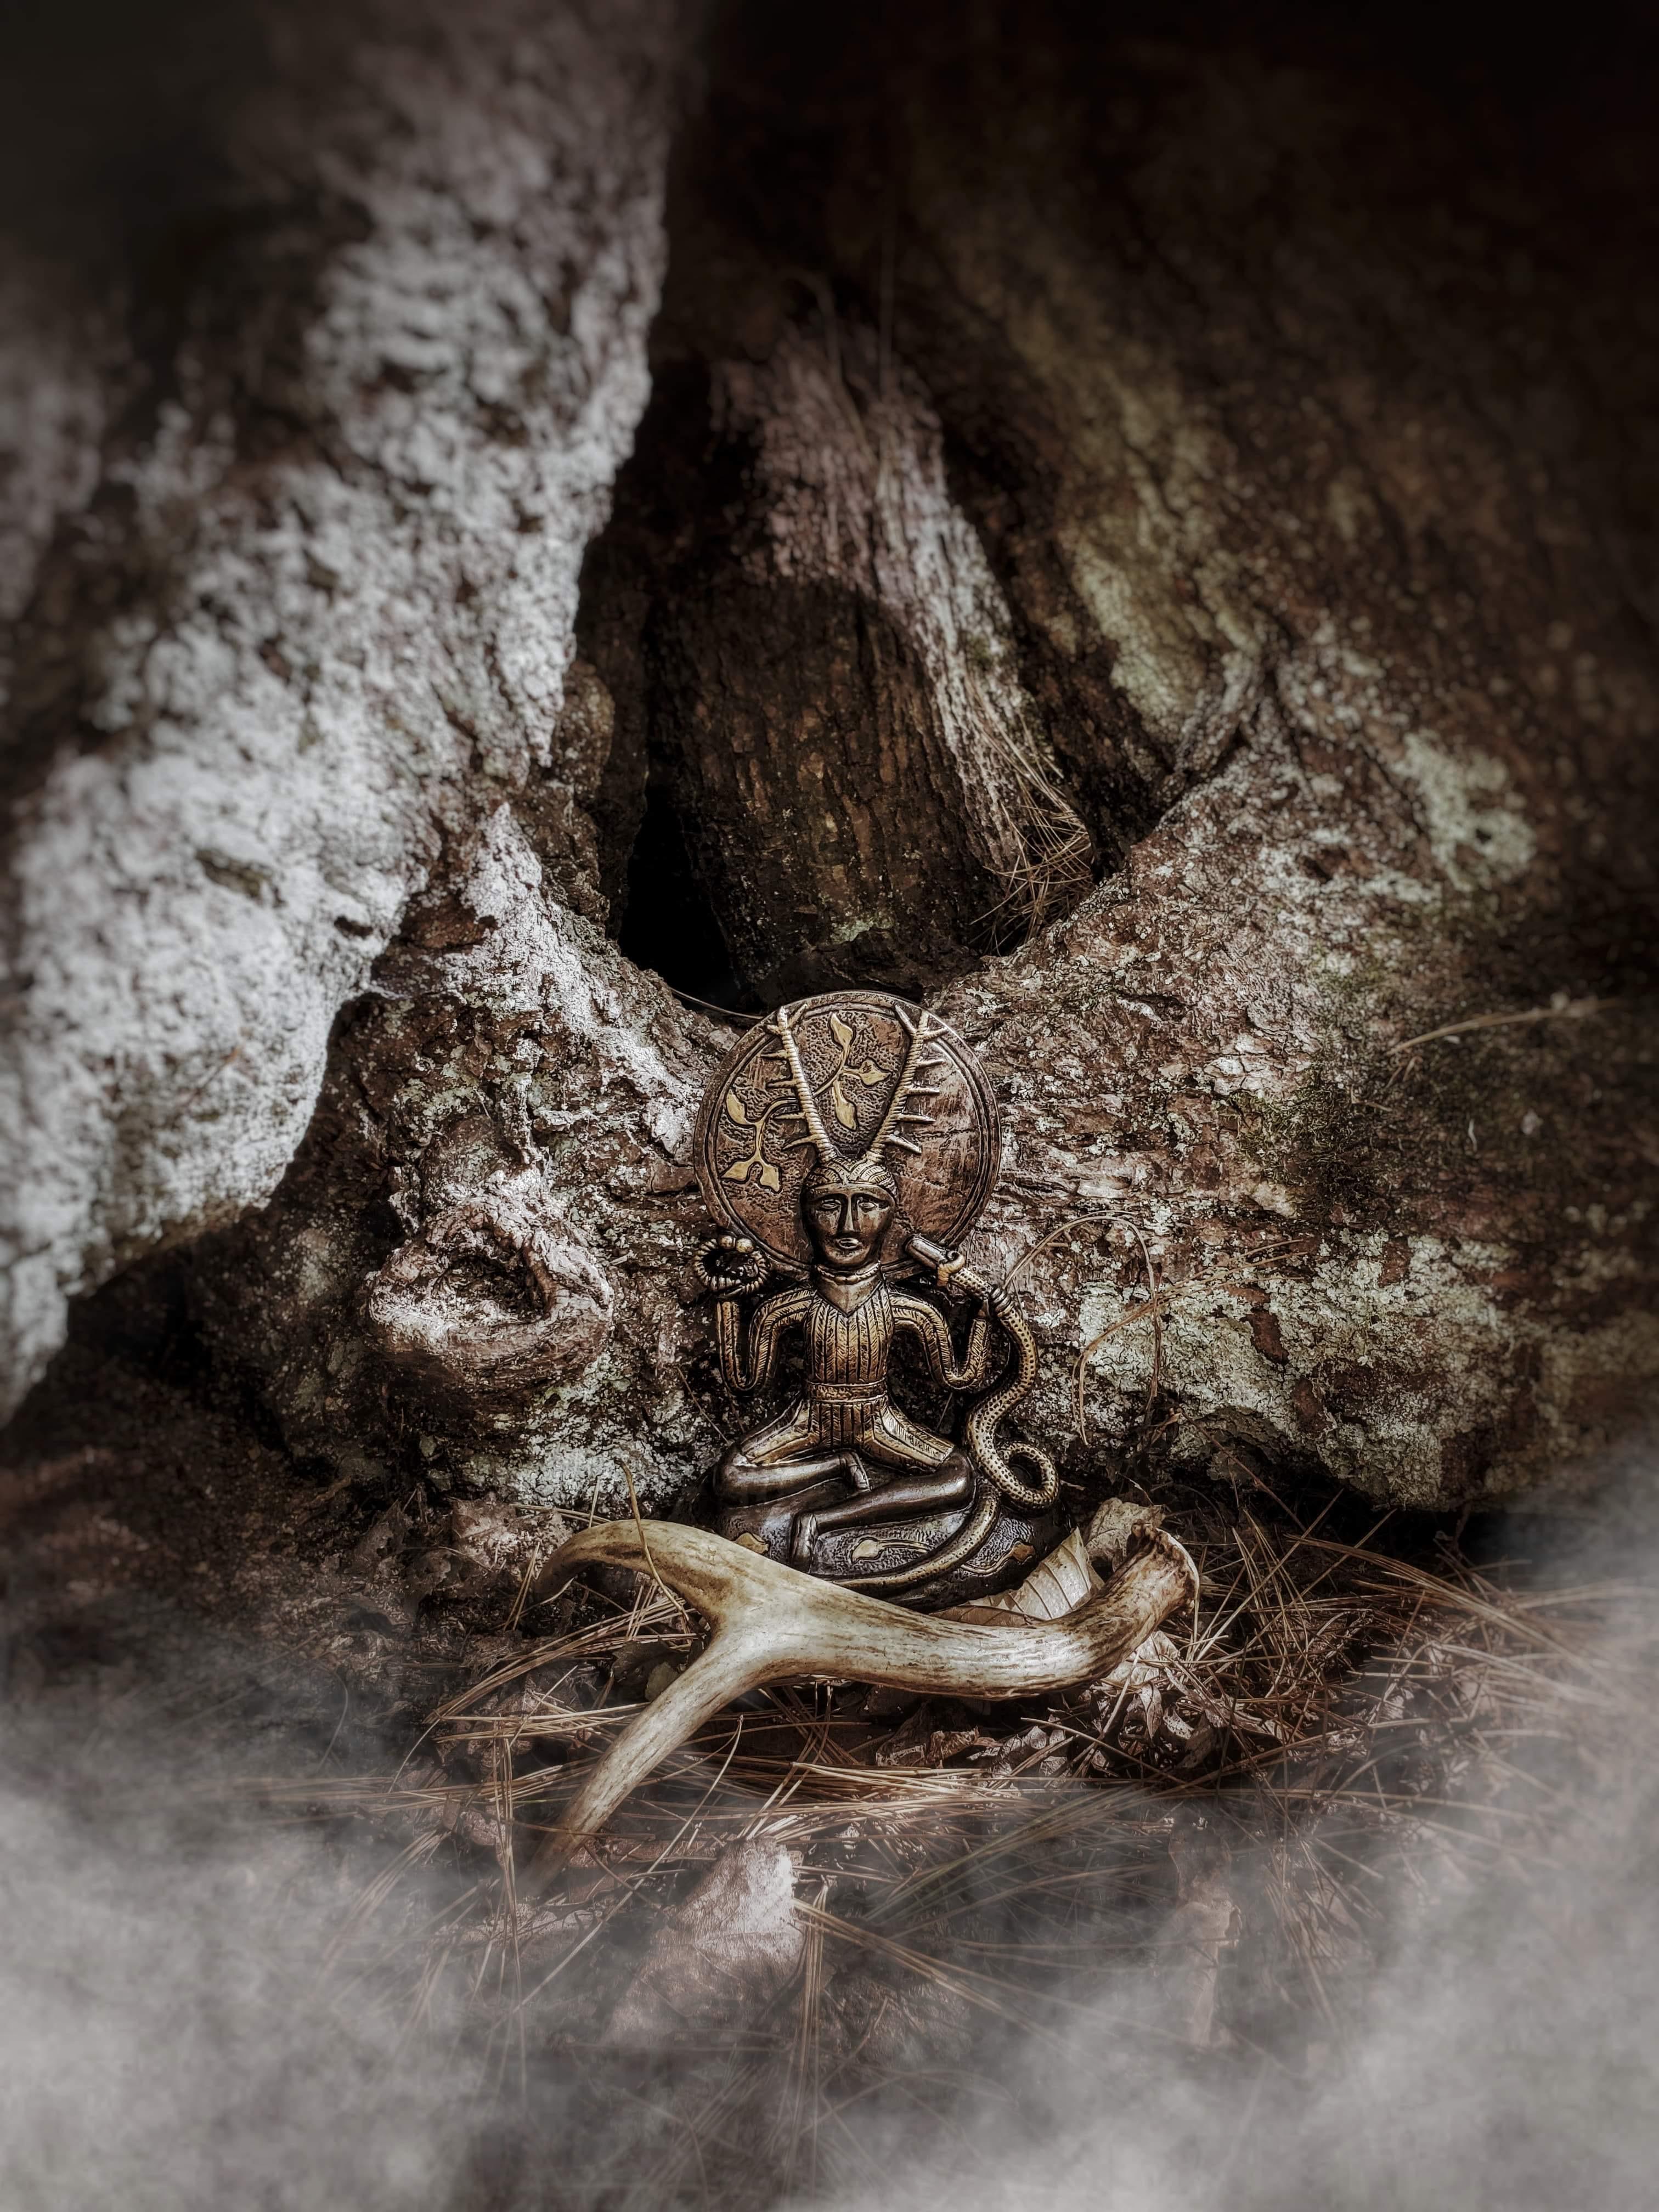 Cerunos antler and birch tree